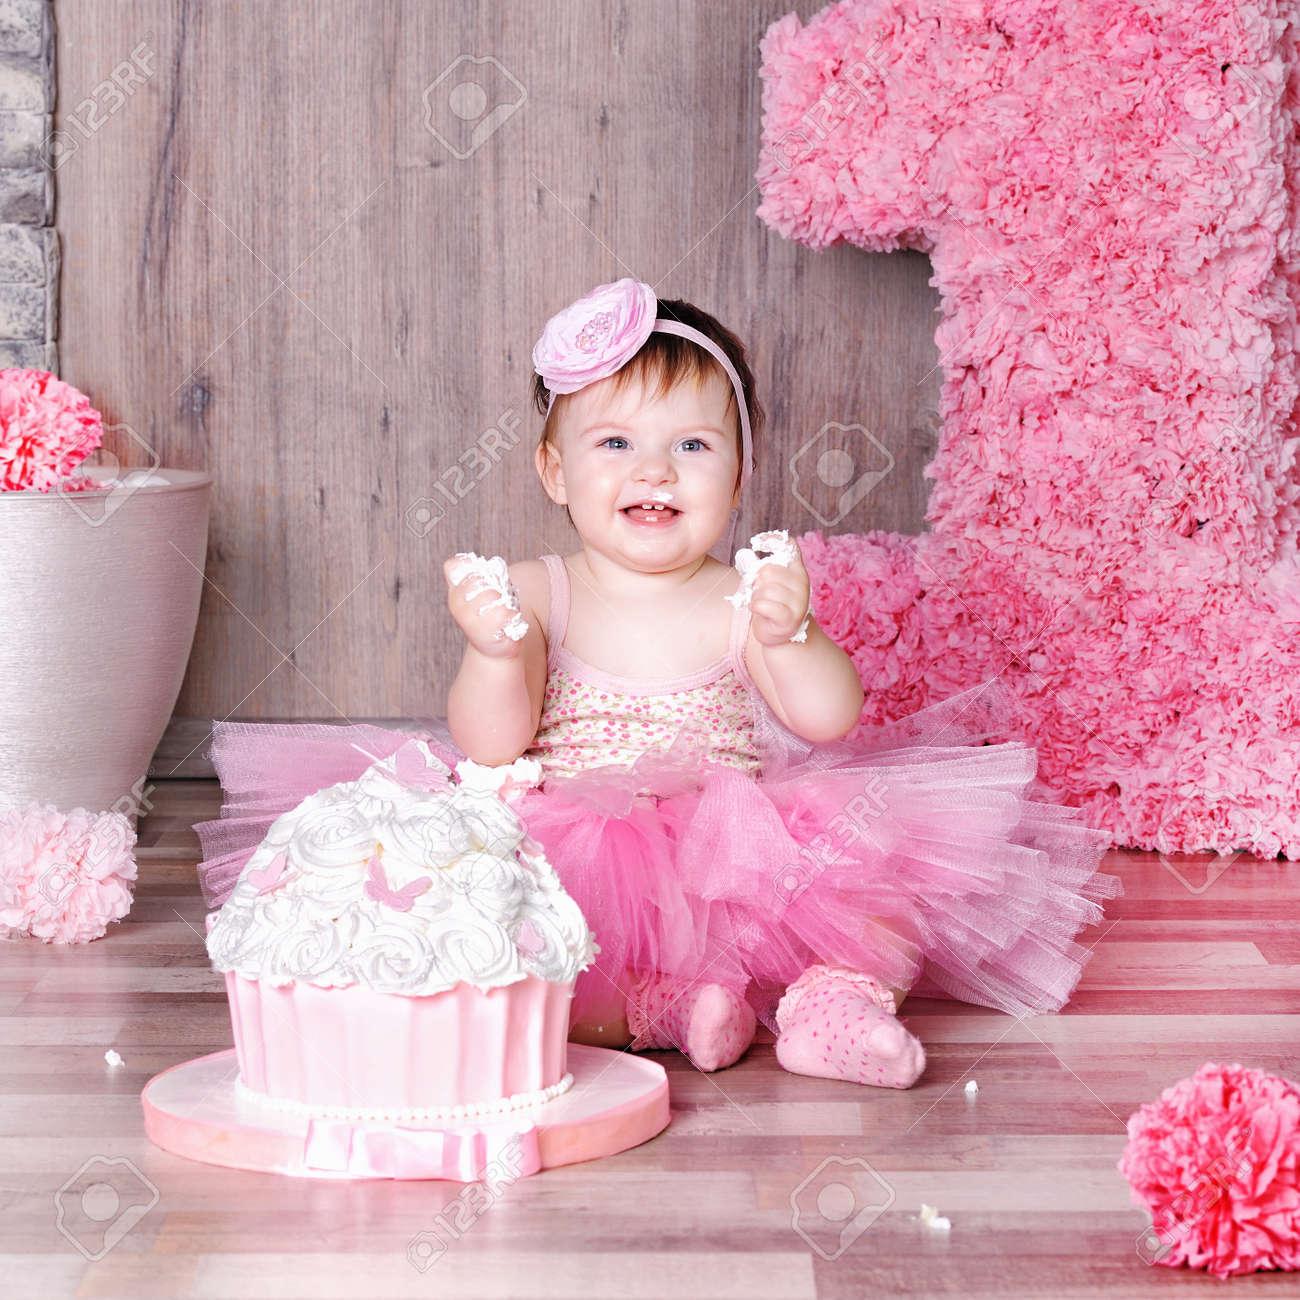 Fille De Bébé De 1 An En Robe Rose Avec Son Premier Gâteau Danniversaire Carte De Joyeux Anniversaire